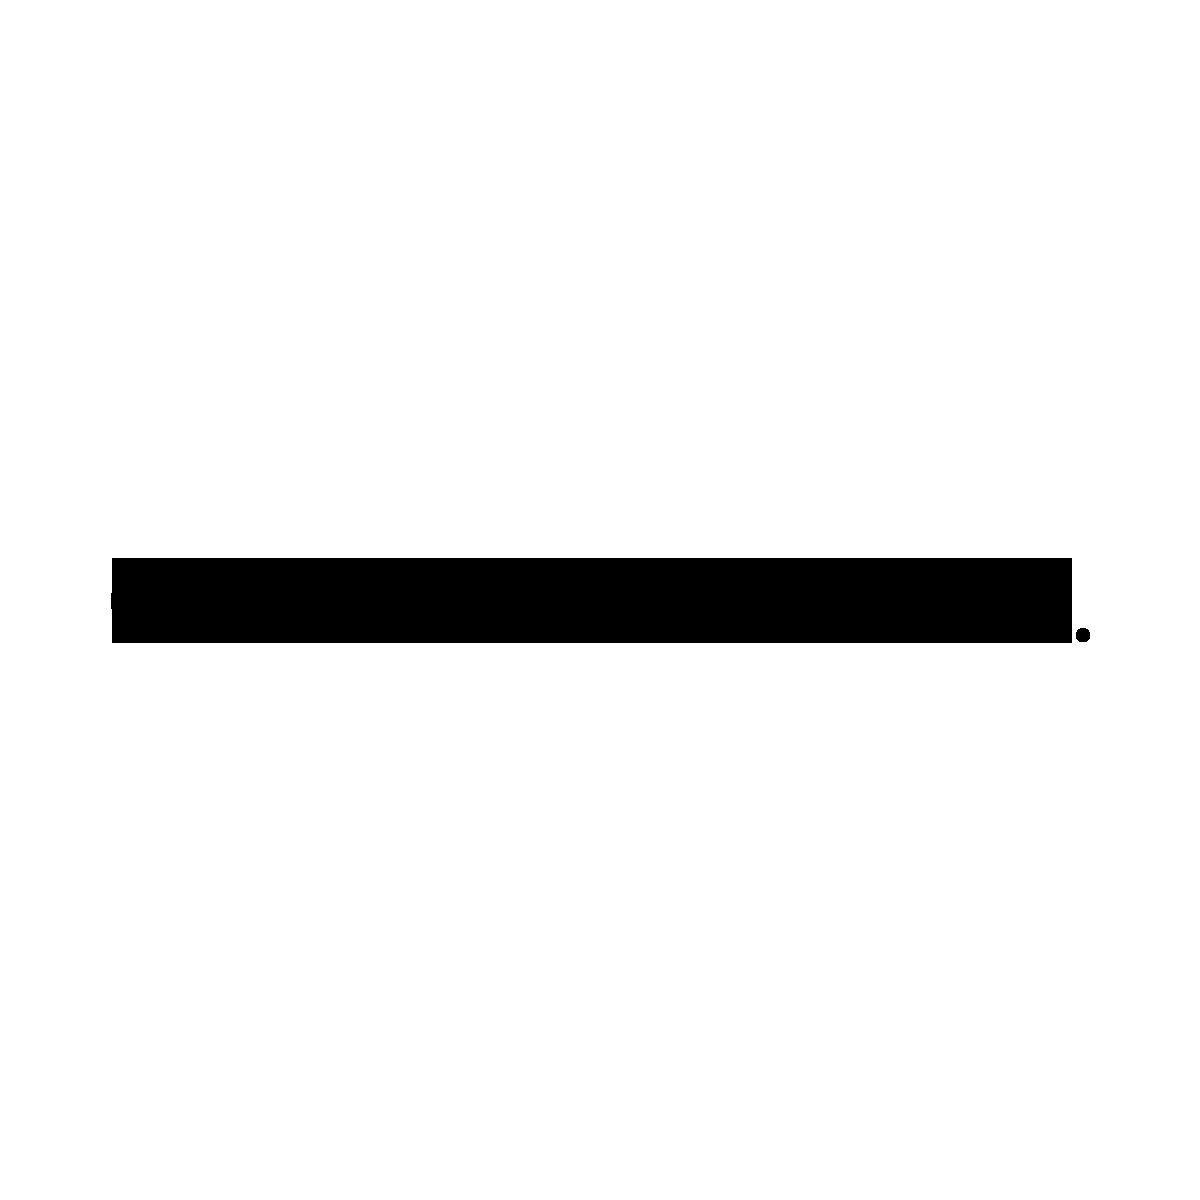 fred de la bretoniere taupekleurige cross-body tas van geschuurd leer 212010009 binnenkant rits